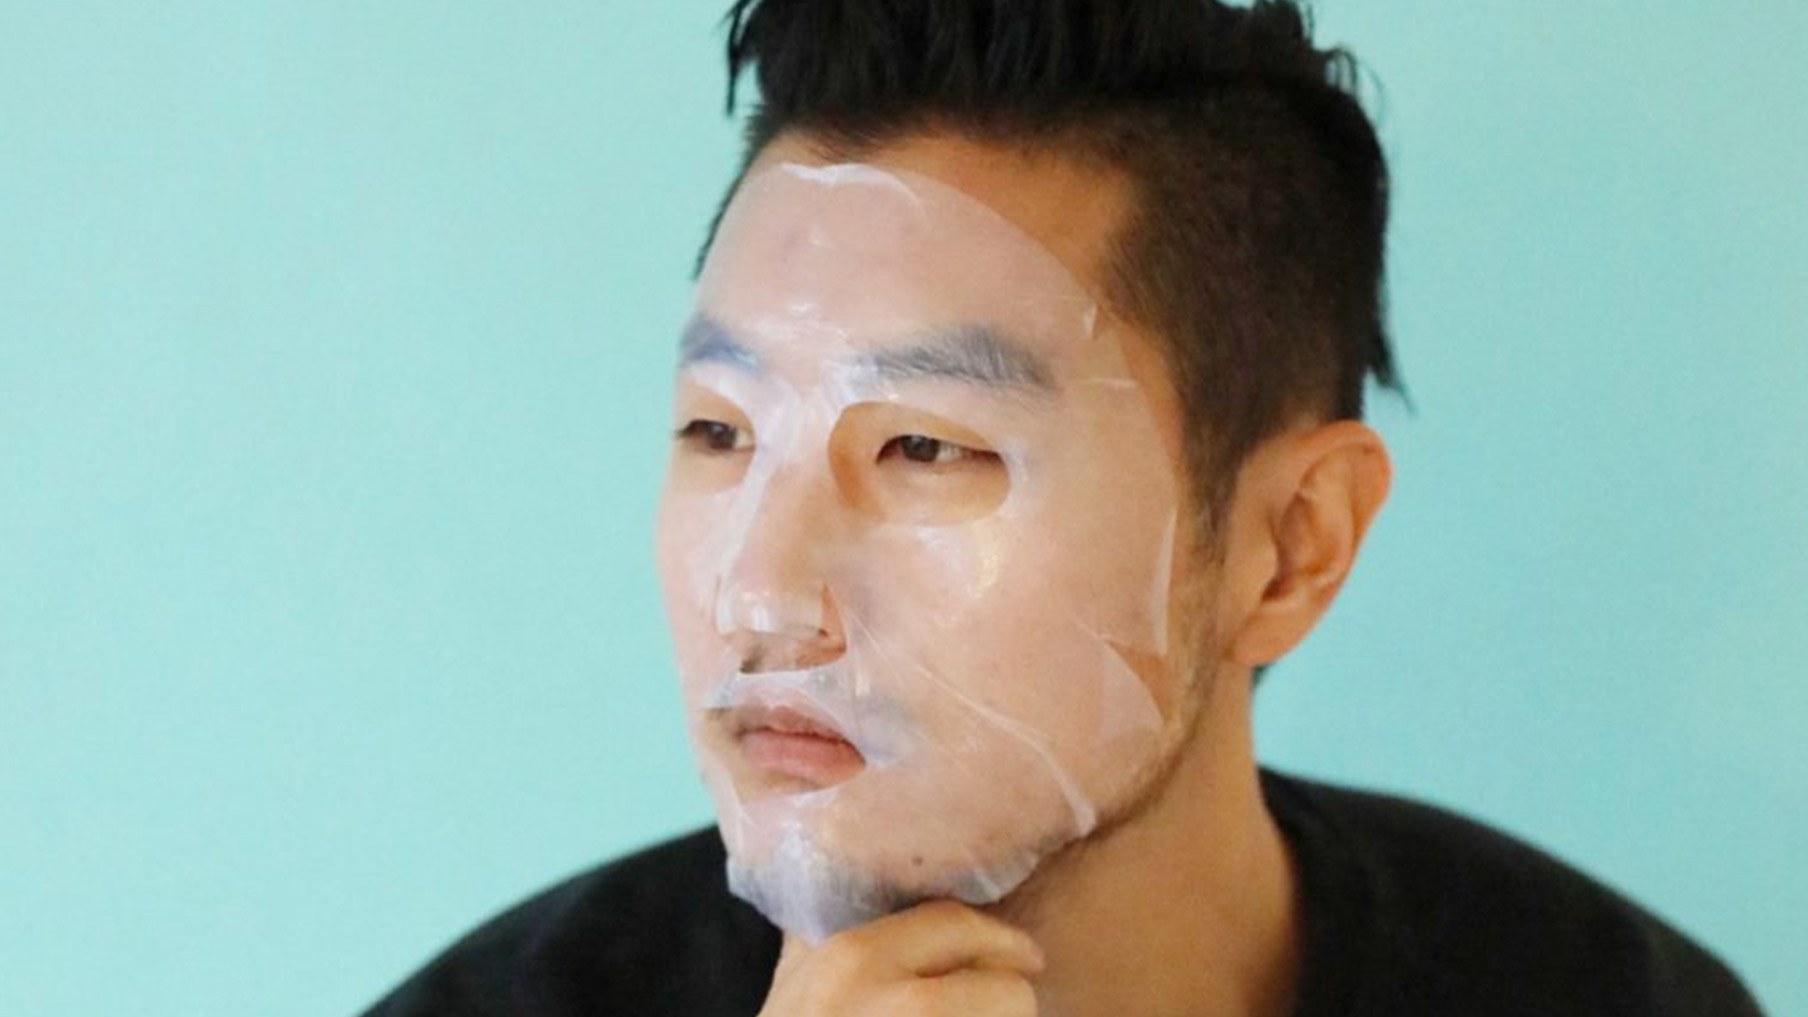 Rekomendasi Skincare Dasar Untuk Cowok Yang Wajahnya Bermasalah Hafalkan Namanya Ya